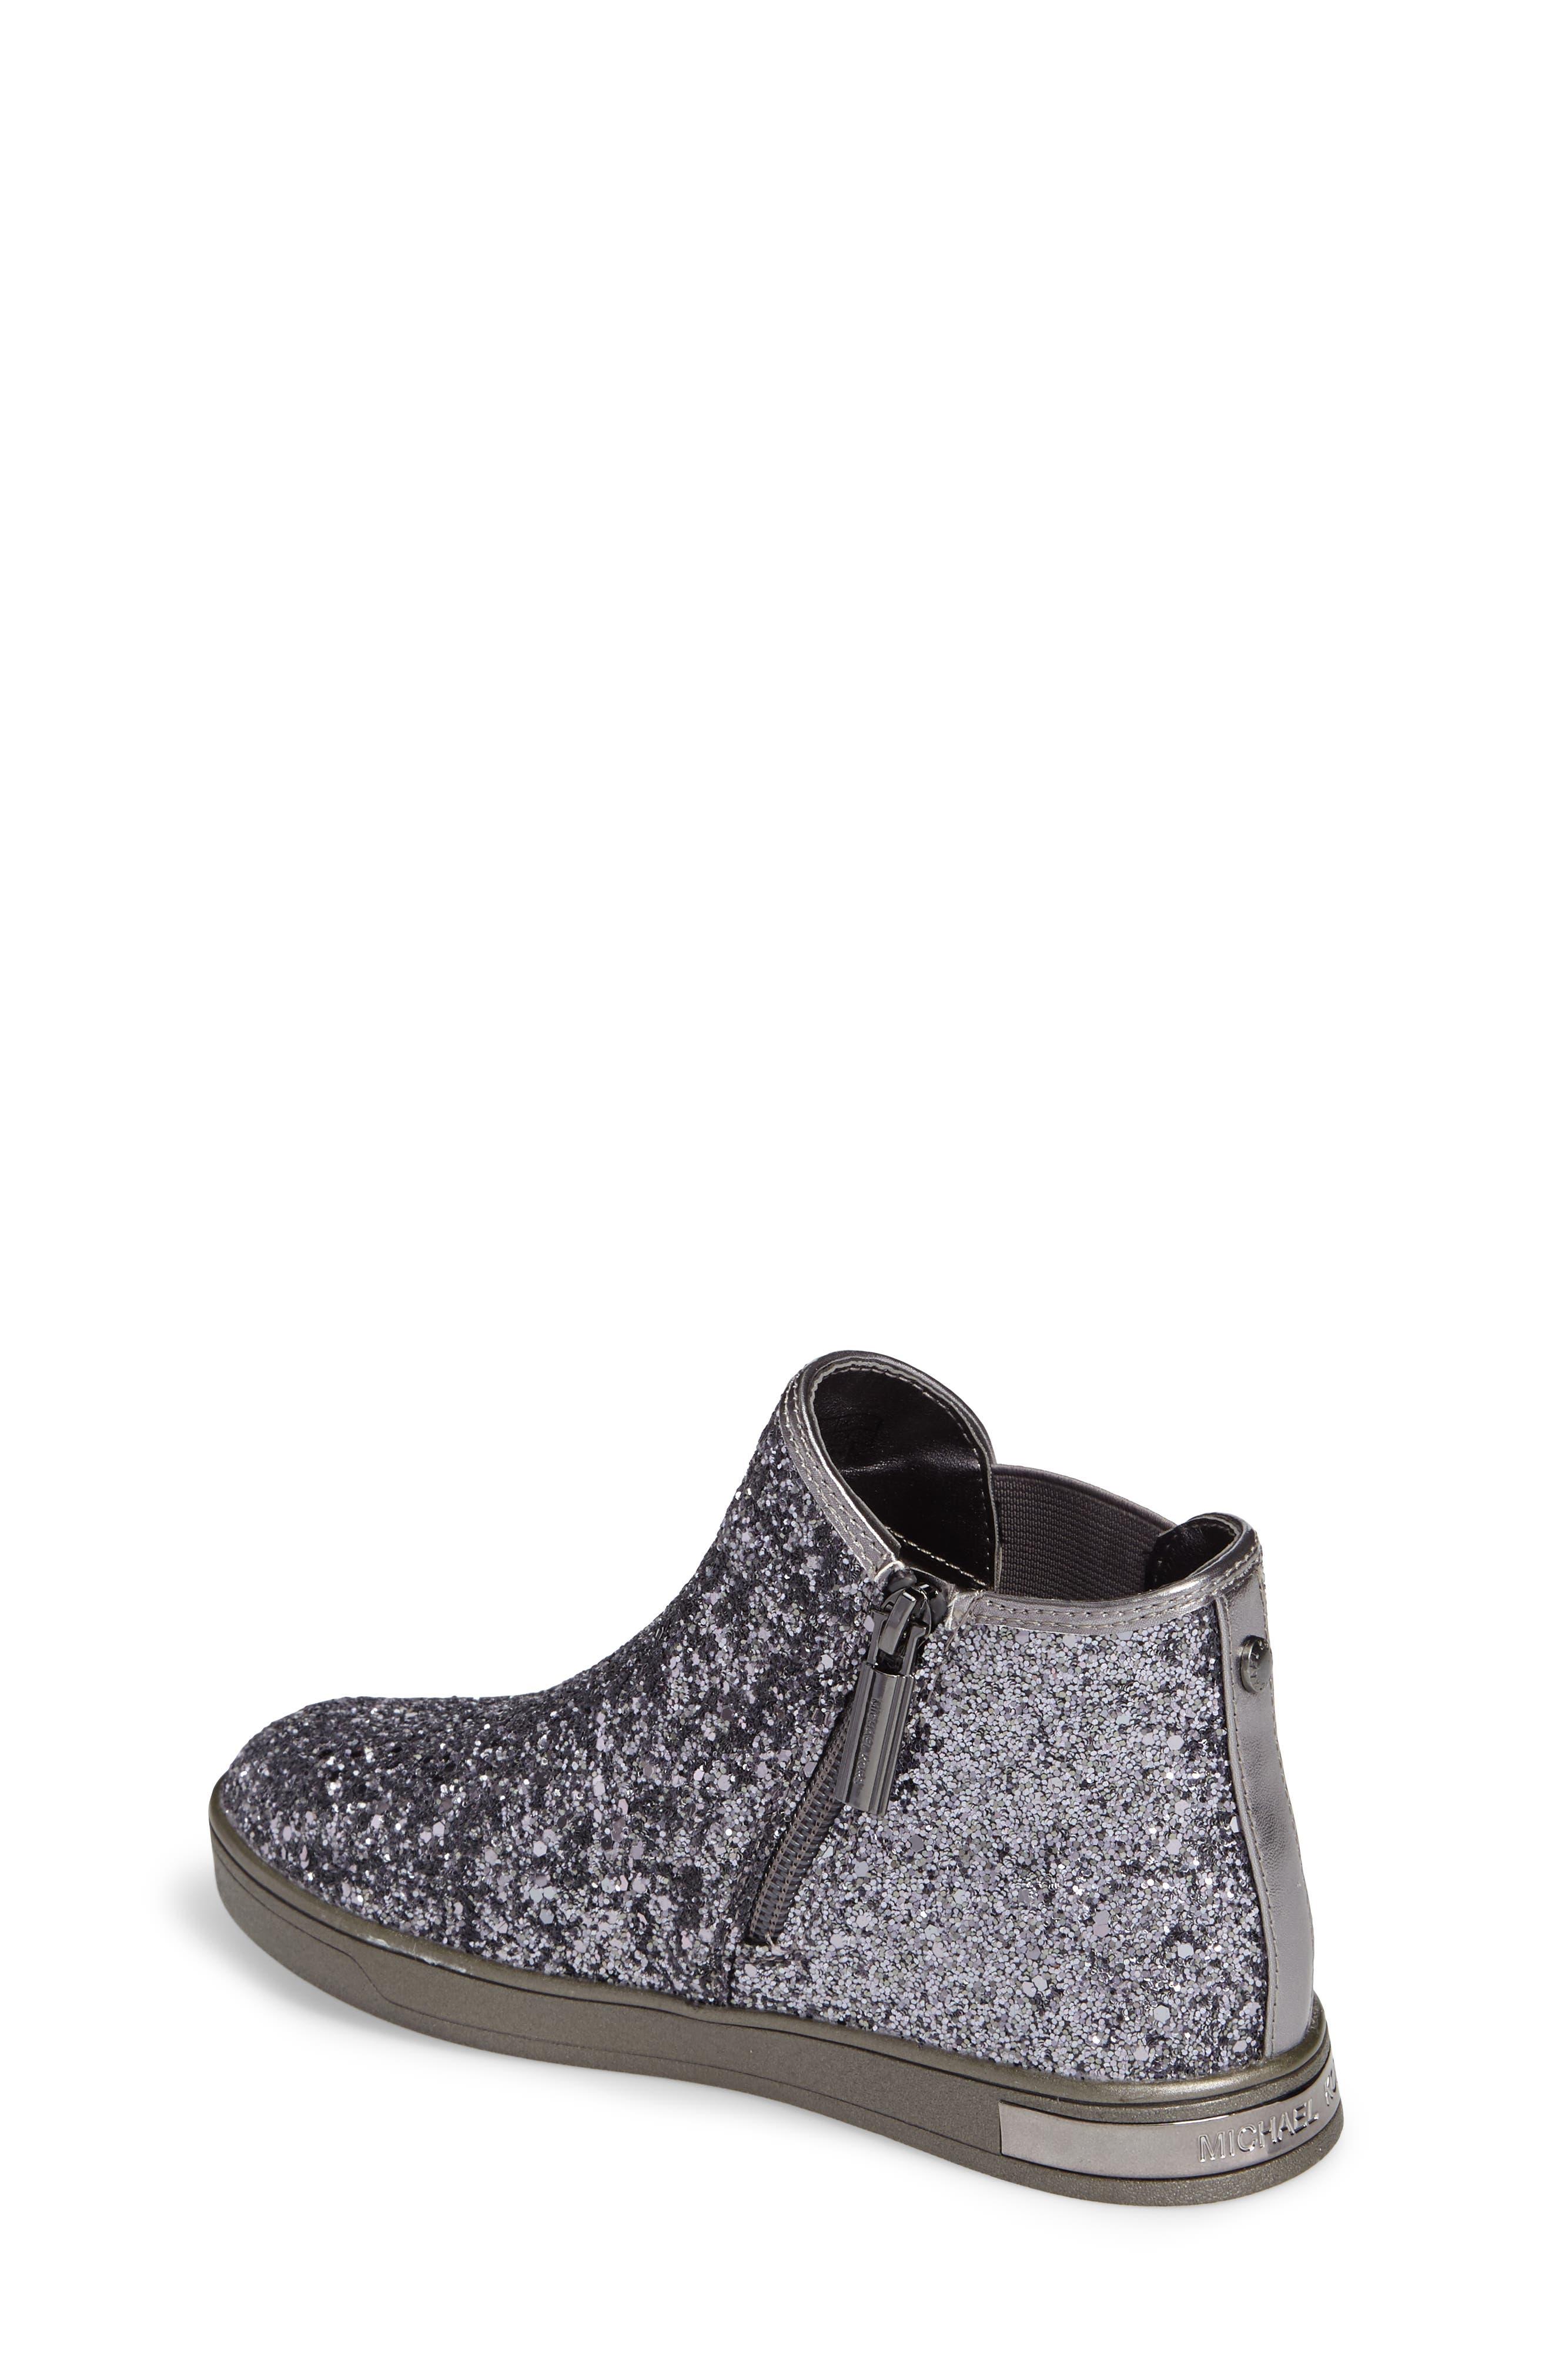 Alternate Image 2  - MICHAEL Michael Kors Ollie Rae Glittery Sneaker Boot (Walker, Toddler, Little Kid & Big Kid)